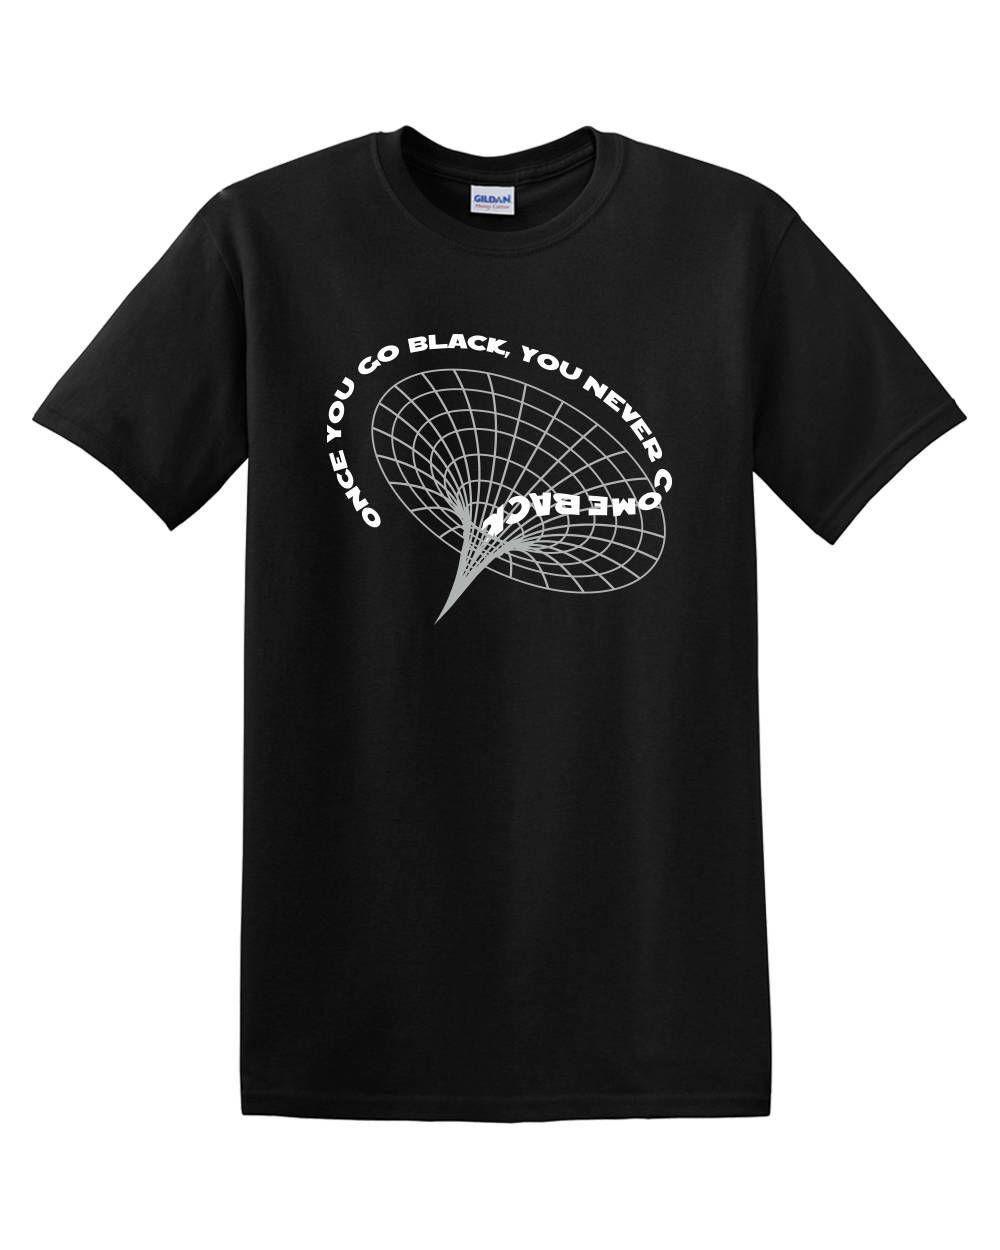 Black Hole Astronomy Adult Mens Tshirt Black Mens